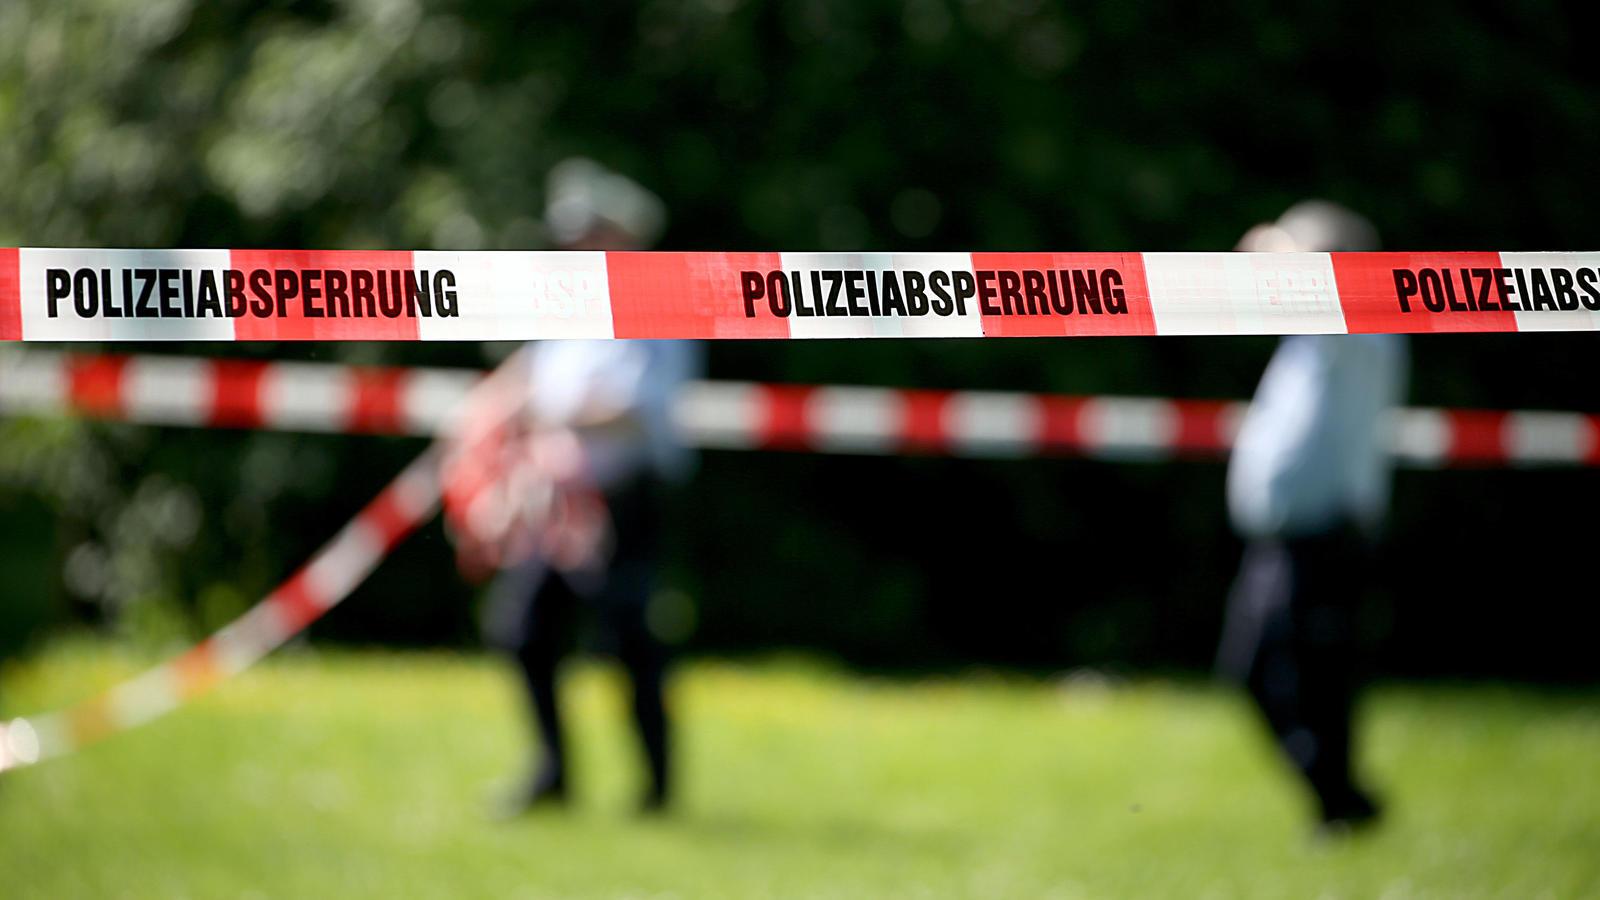 Drama bei DresdenMutter verblutet bei Geburt im Wald - Bub überlebte